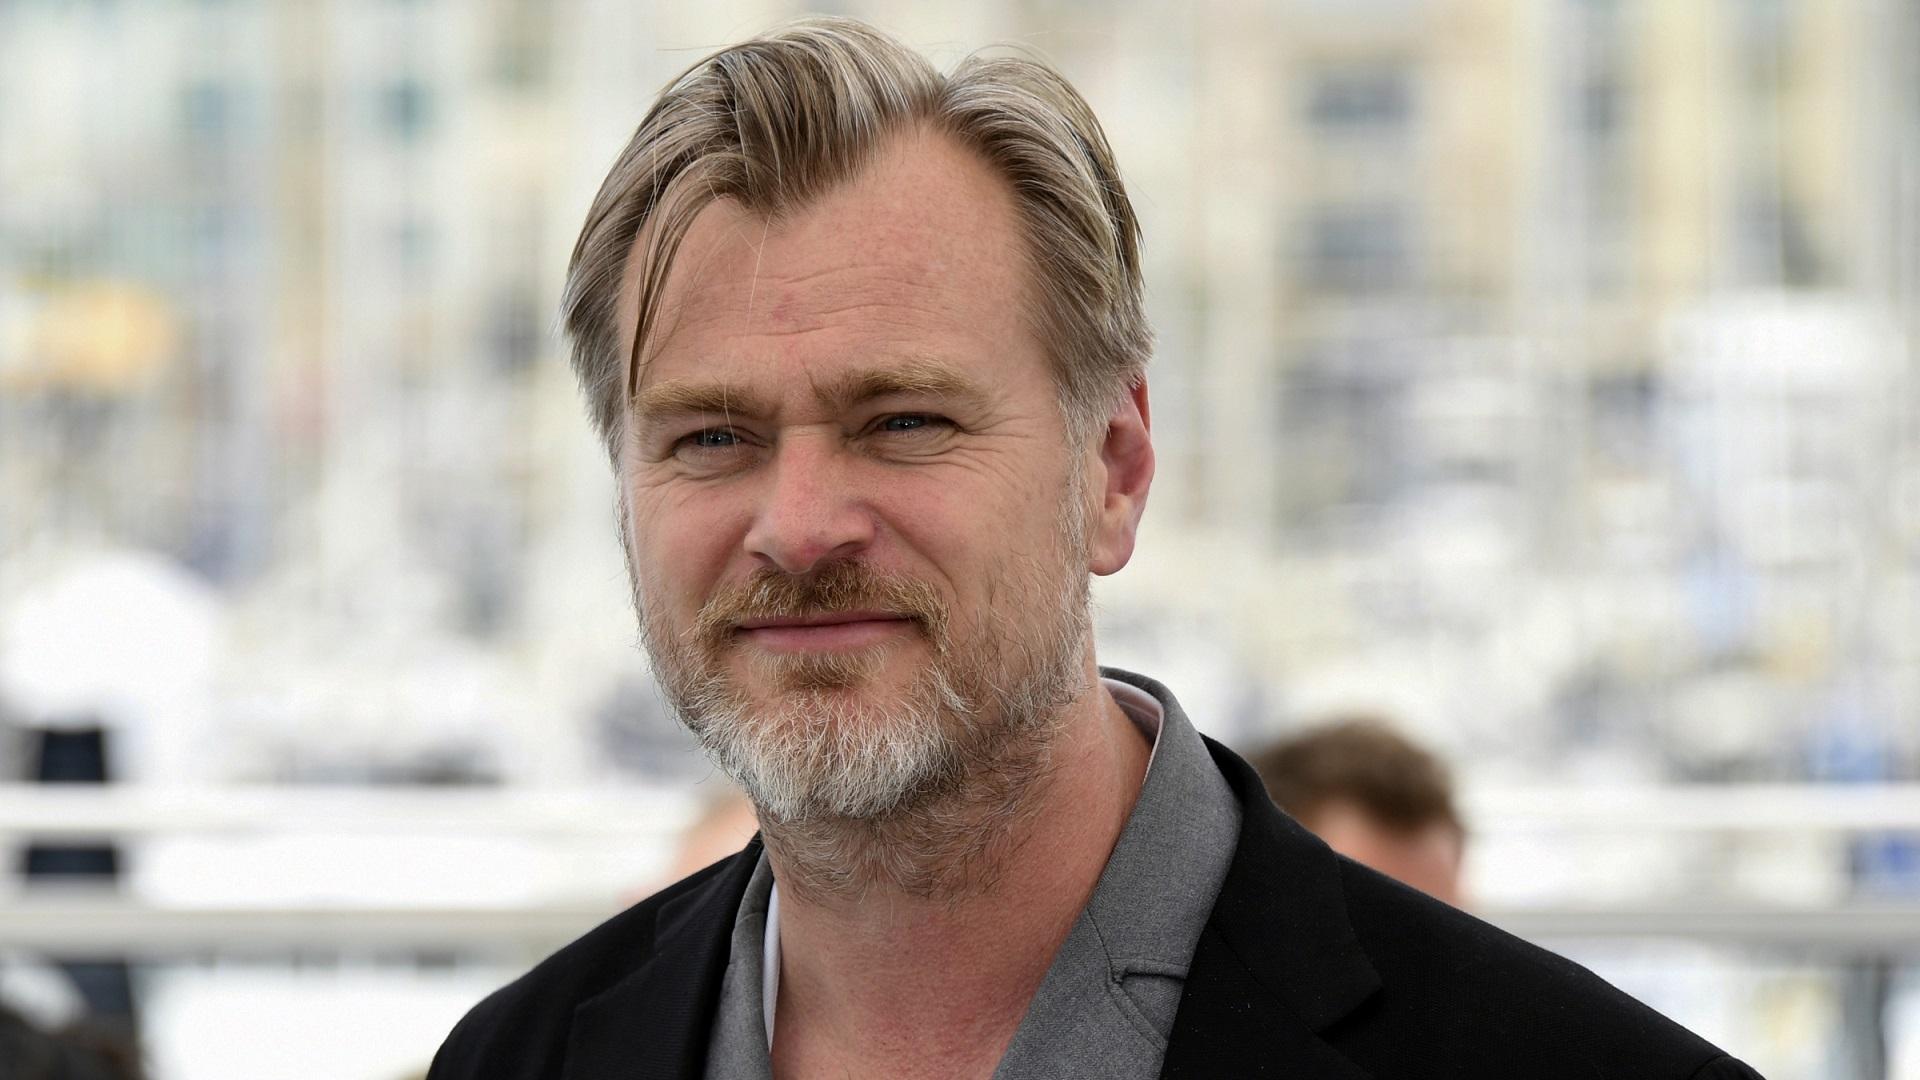 Elu võimalus: Nolani filmivõtetele otsitakse autojuhte, kellele makstakse selle eest väga hästi